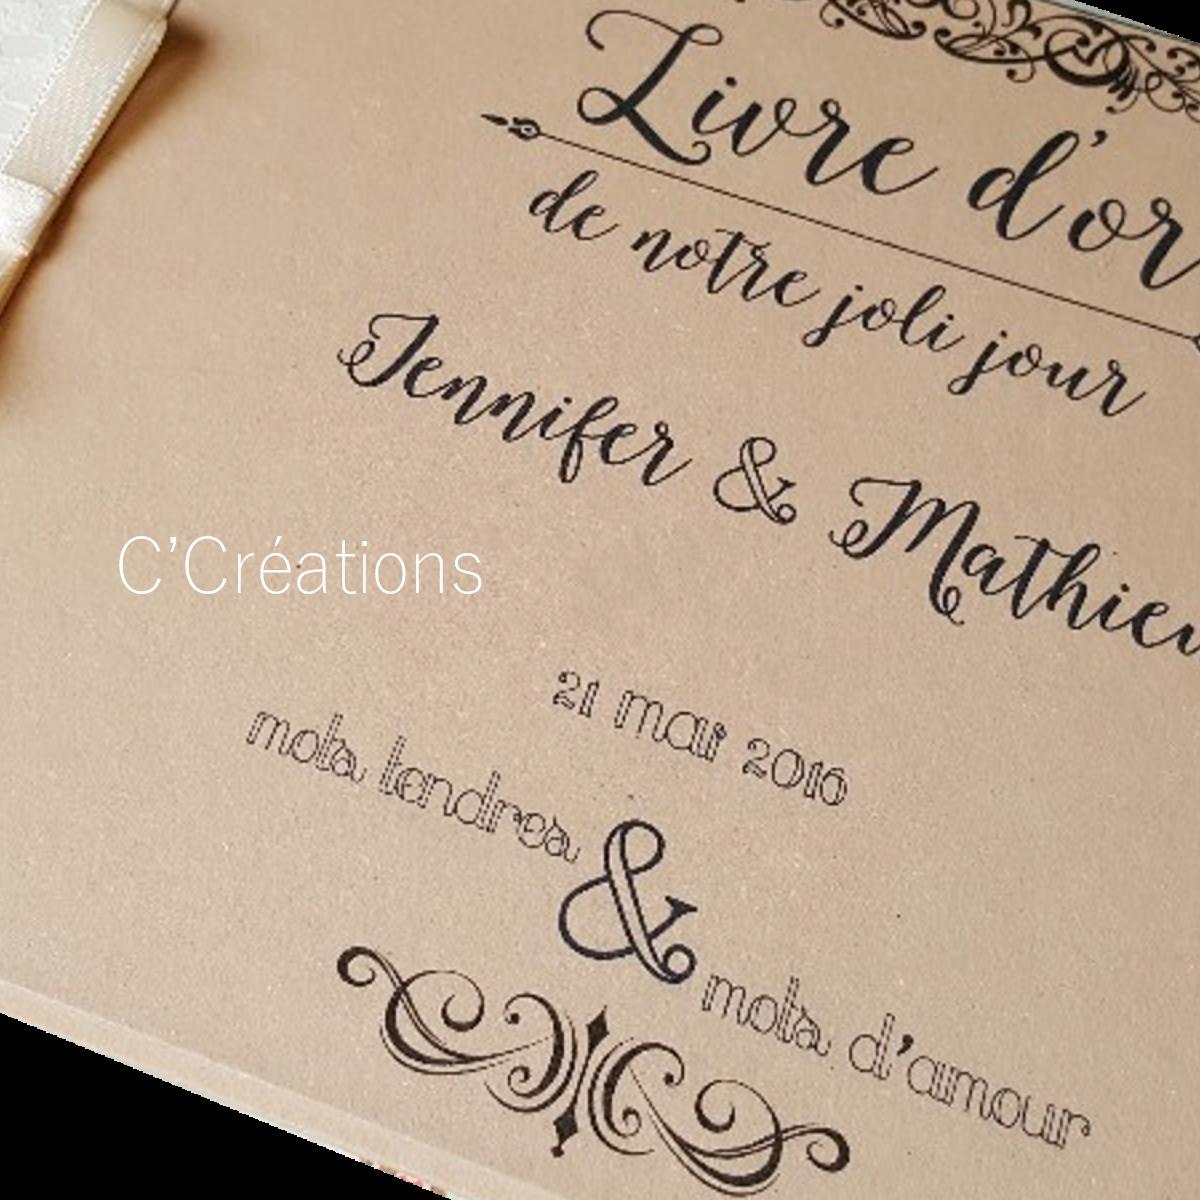 Personnalisation Par Ajout Des Prenoms Date Mariage Texte Court Sur Livre D Or